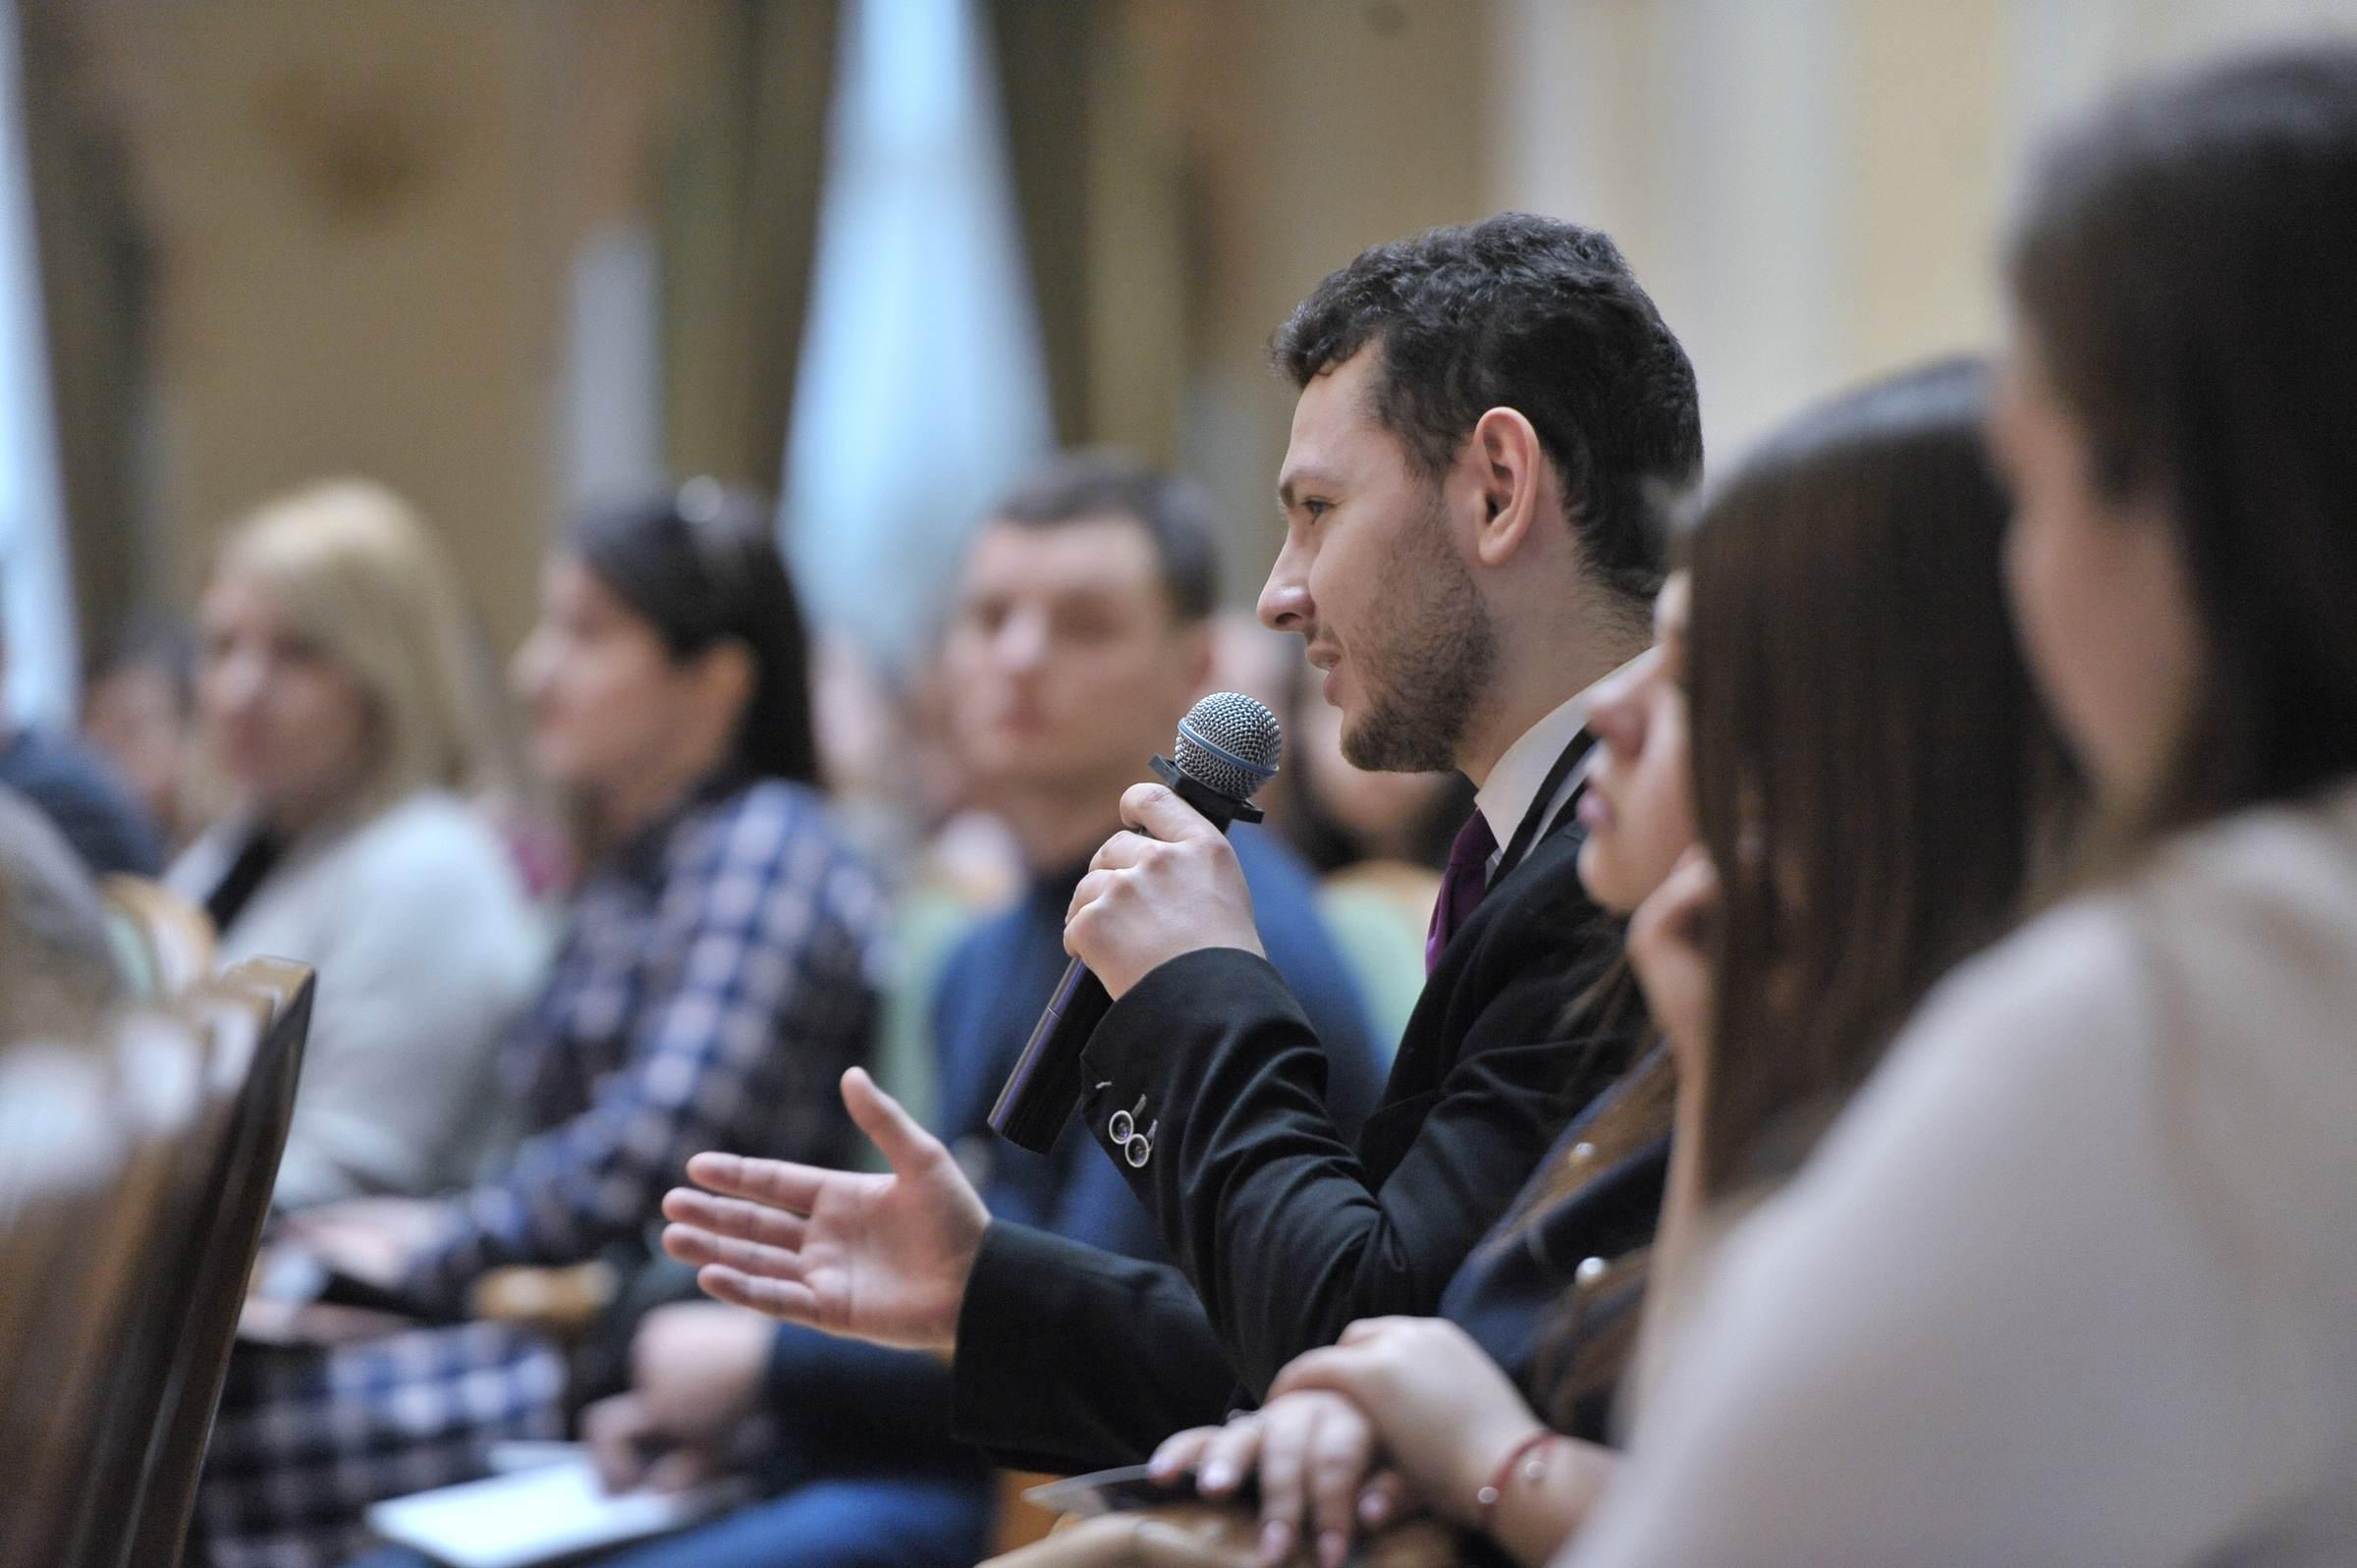 Уряд відкритий у своїй діяльності та здійснює людиноорієнтовані реформи, - Володимир Бондаренко